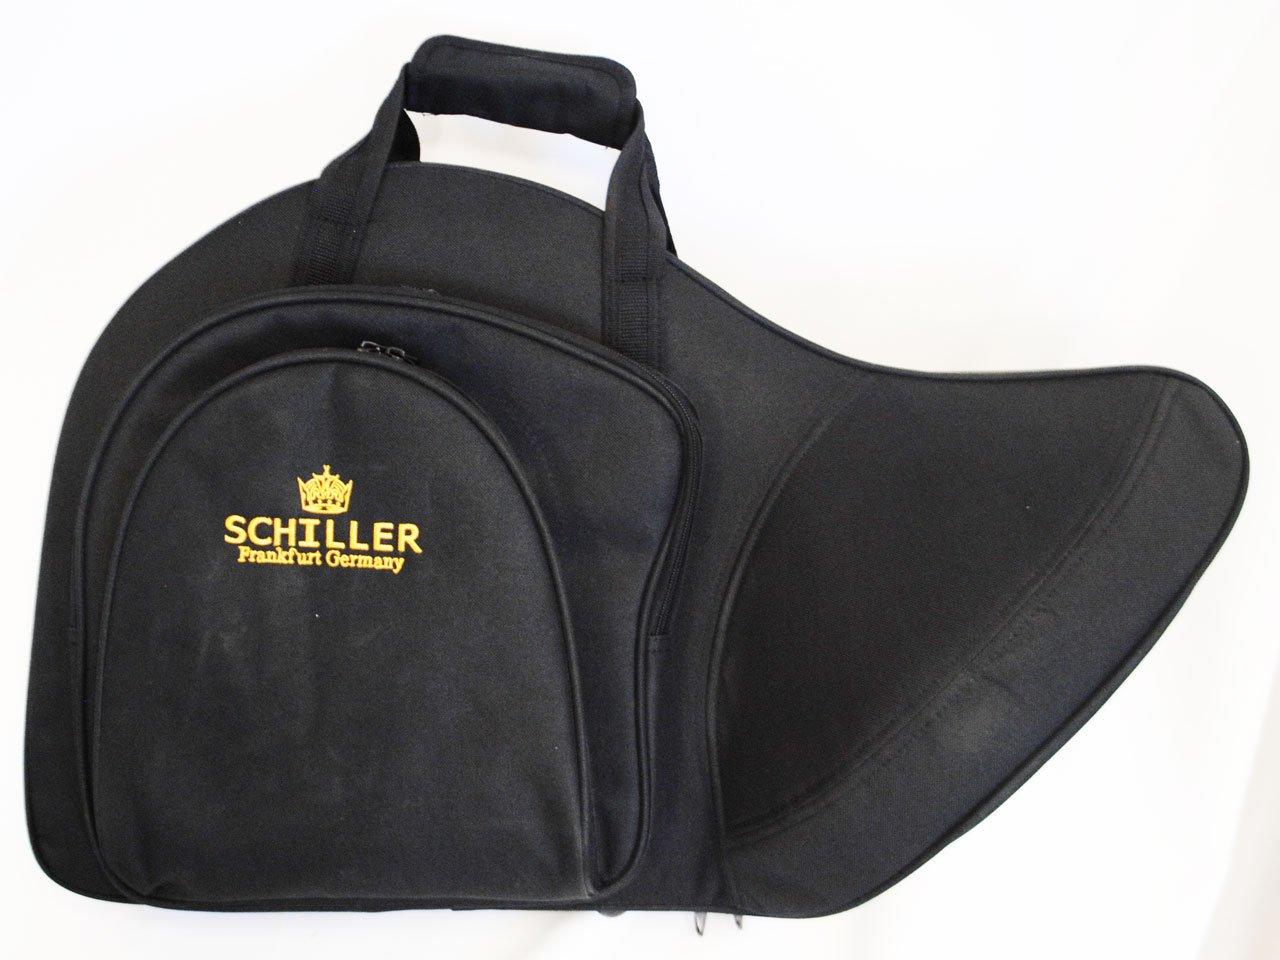 Schiller Deluxe French Horn Case